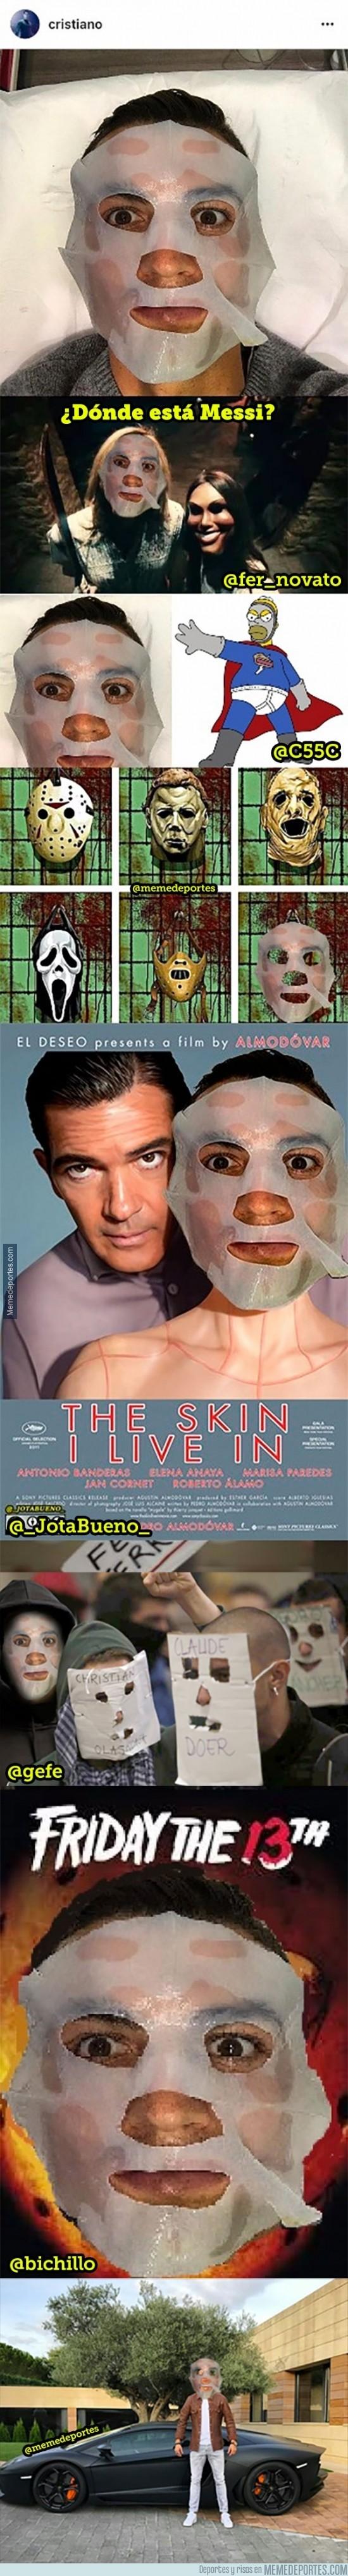 917979 - Cristiano sube una foto con una máscara y se desata una nueva locura para chopearle